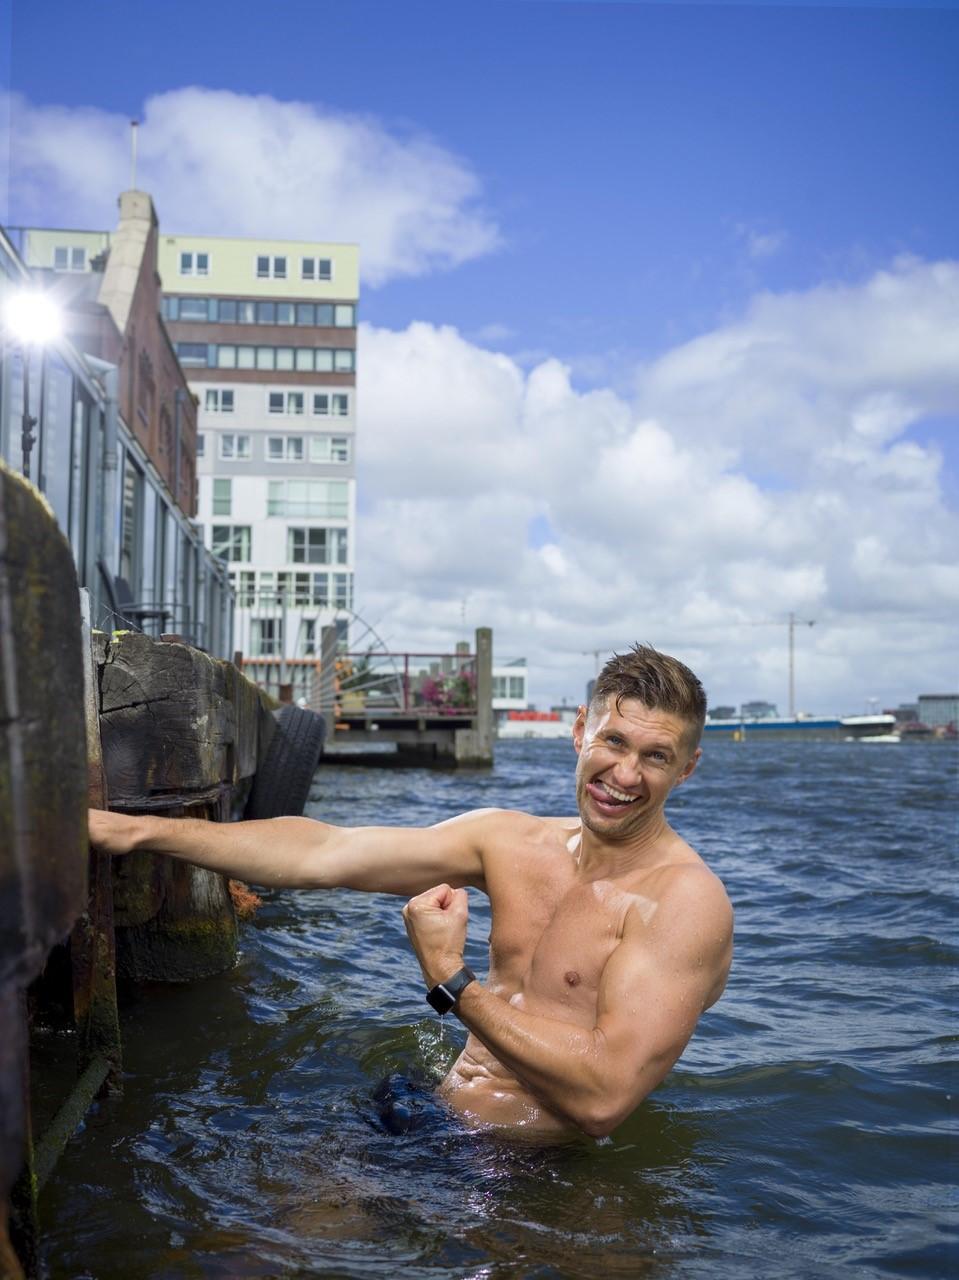 foto van man met ontbloot bovenlijf die zijn tong uitsteekt en een vuist maakt in water bij kade van rivier